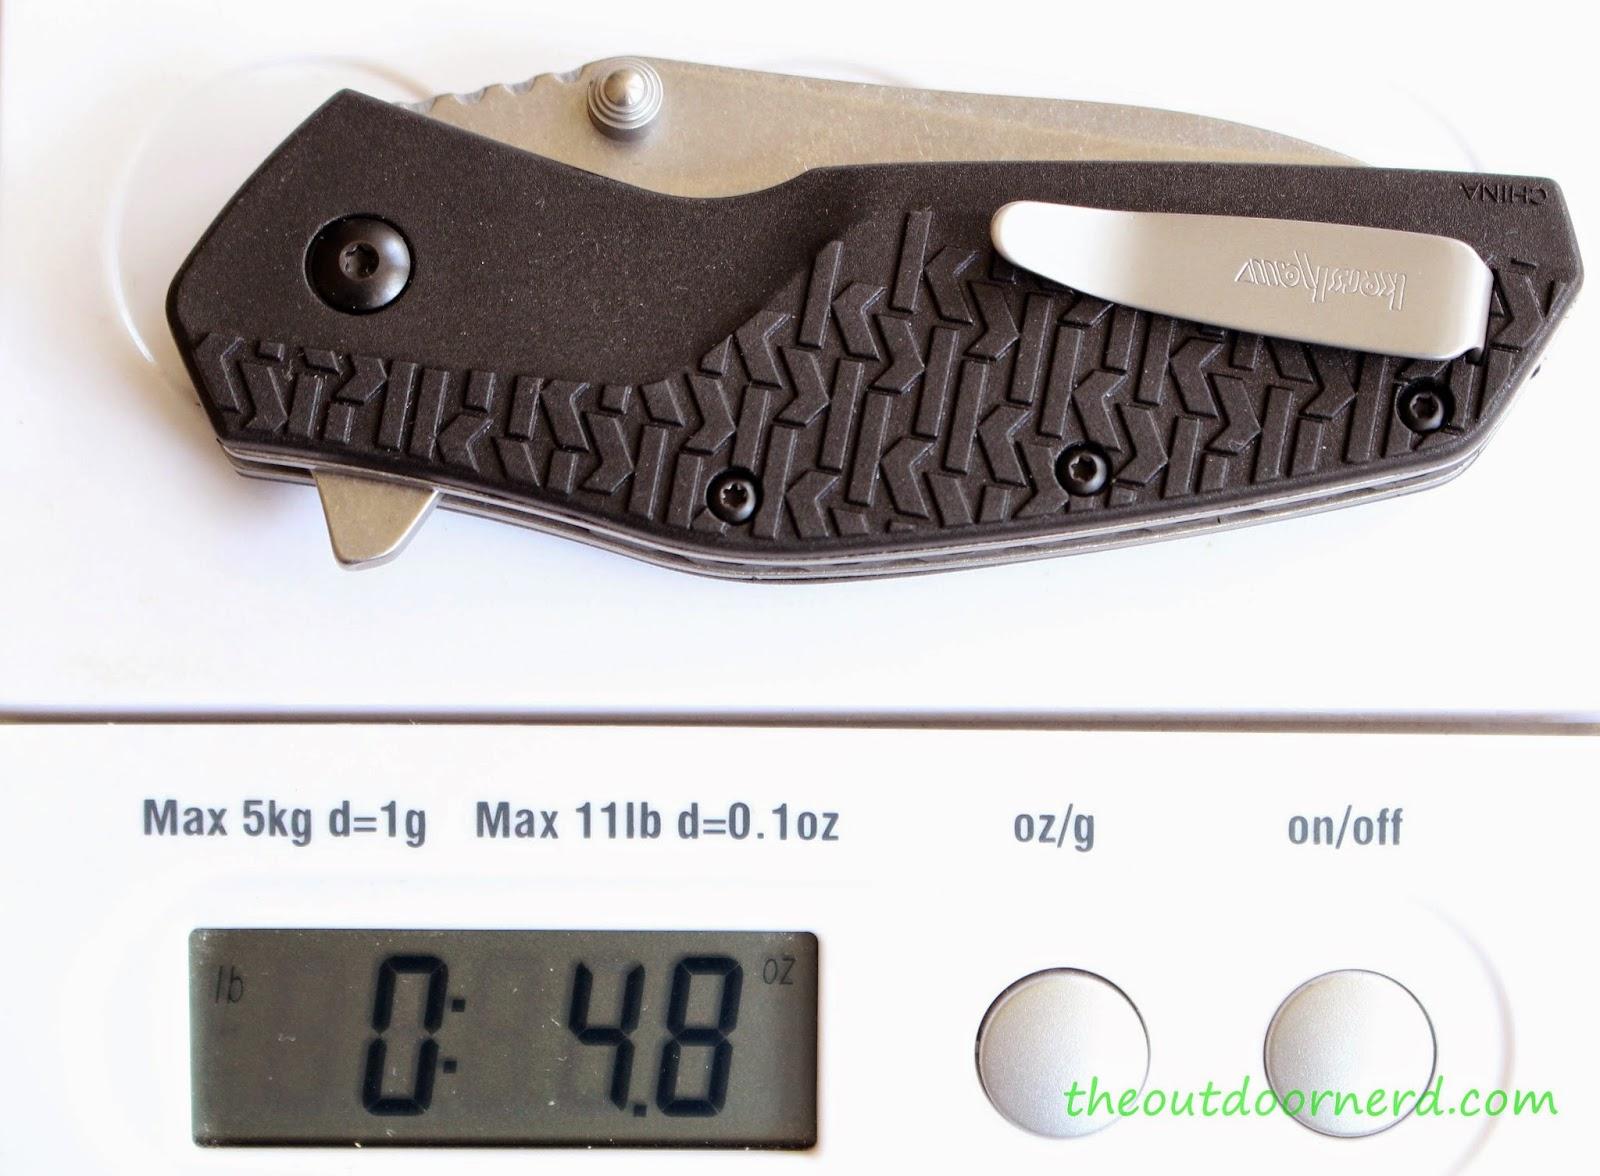 Kershaw Swerve EDC Pocket Knife: On Scale